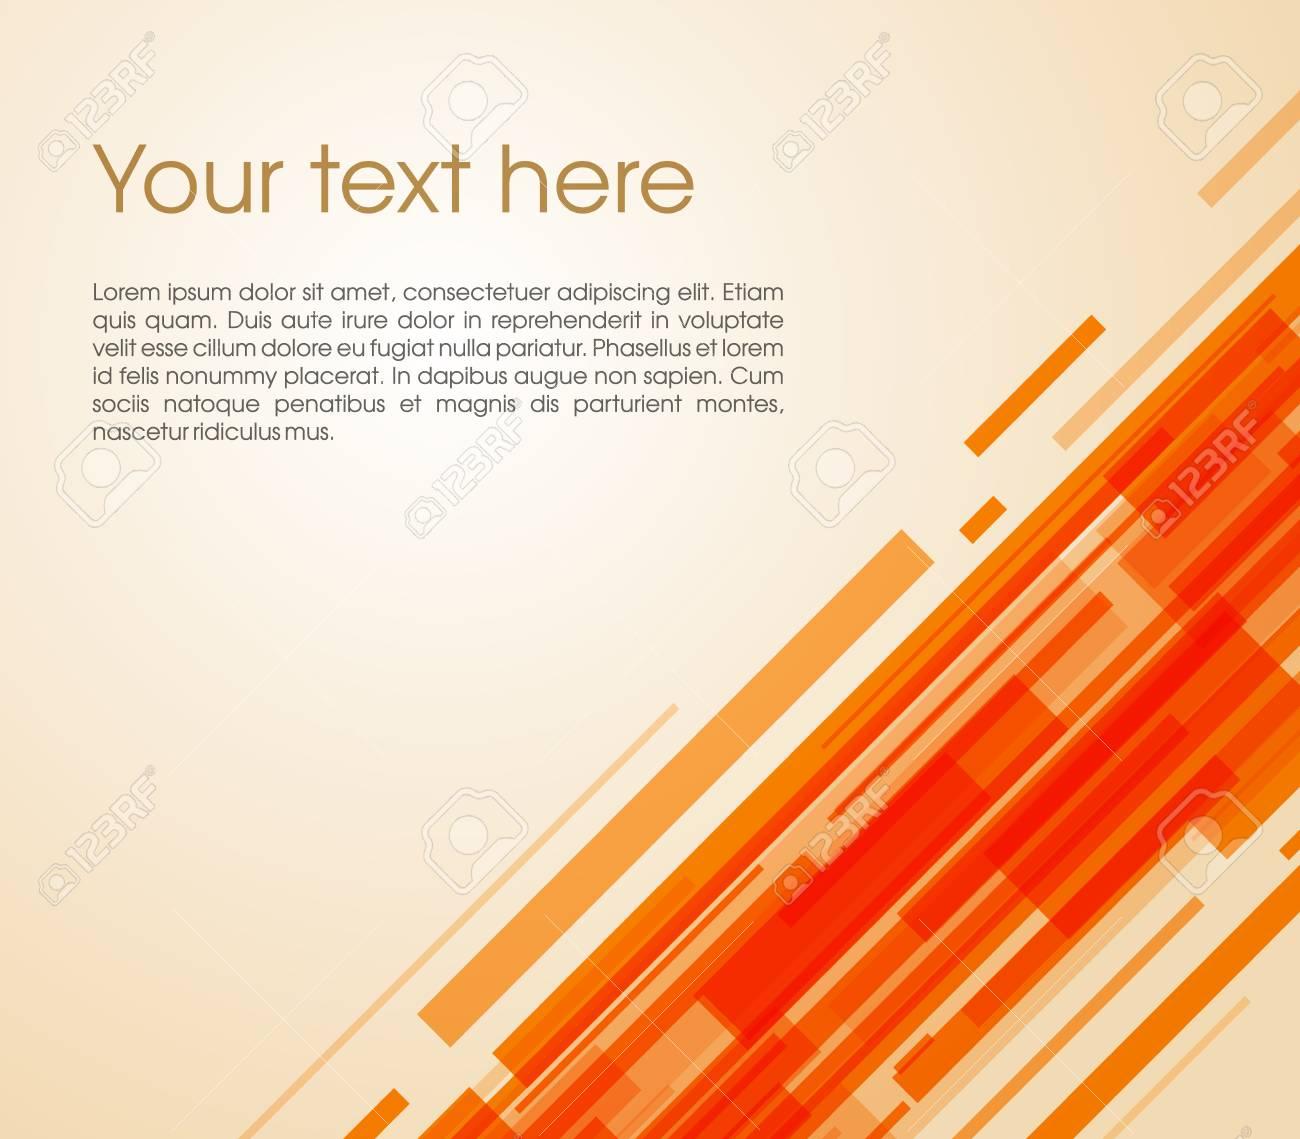 Charmant Standard Bild   Vector Abstract Schrägen Rechteck Hintergrund In Orange  Farbe